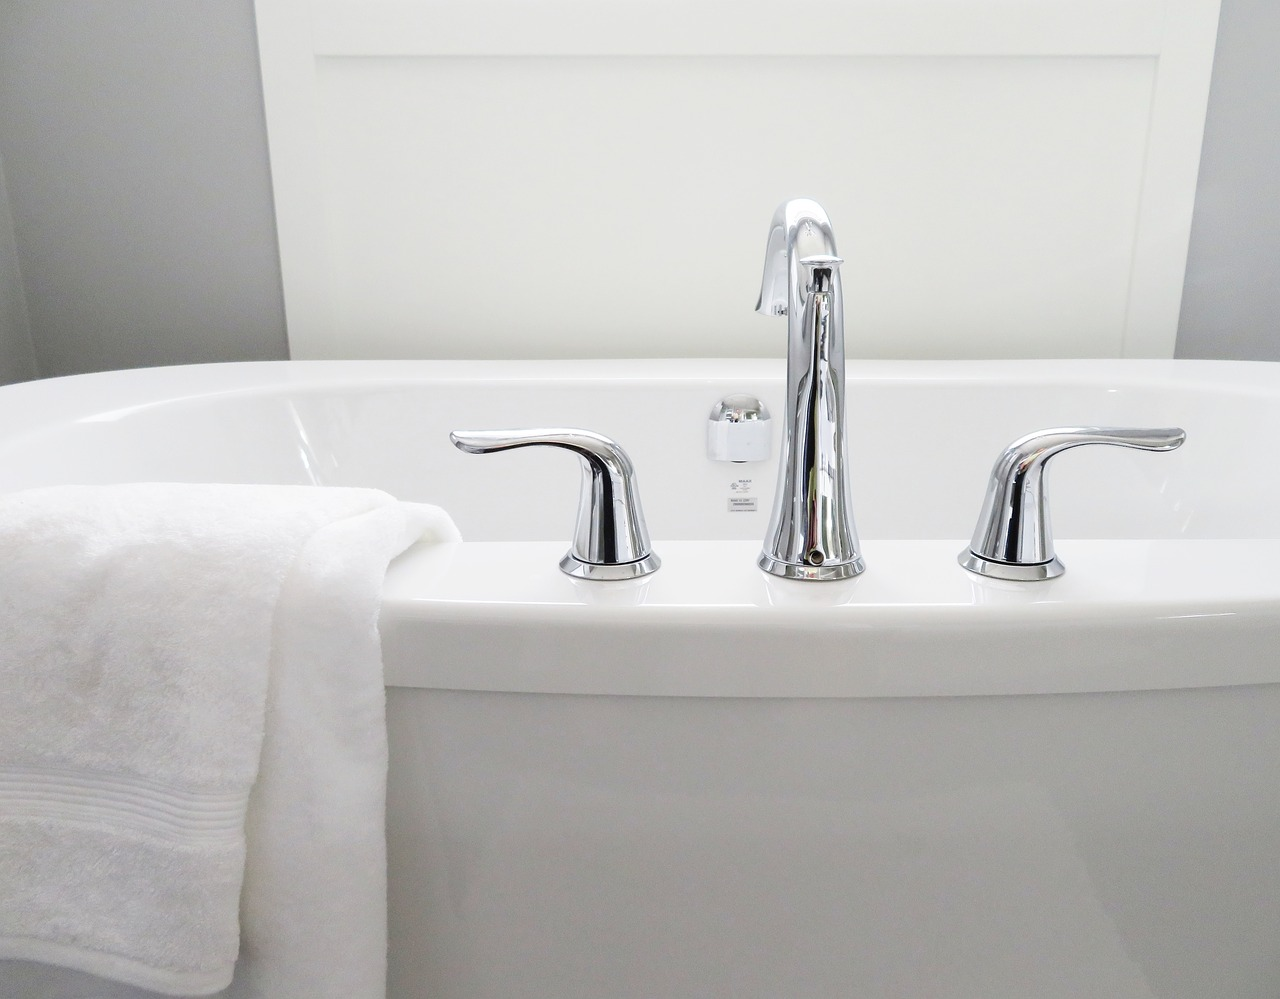 Vasca Da Bagno Nuova : Sovrapposizione vasca da bagno: come funziona e quanto costa